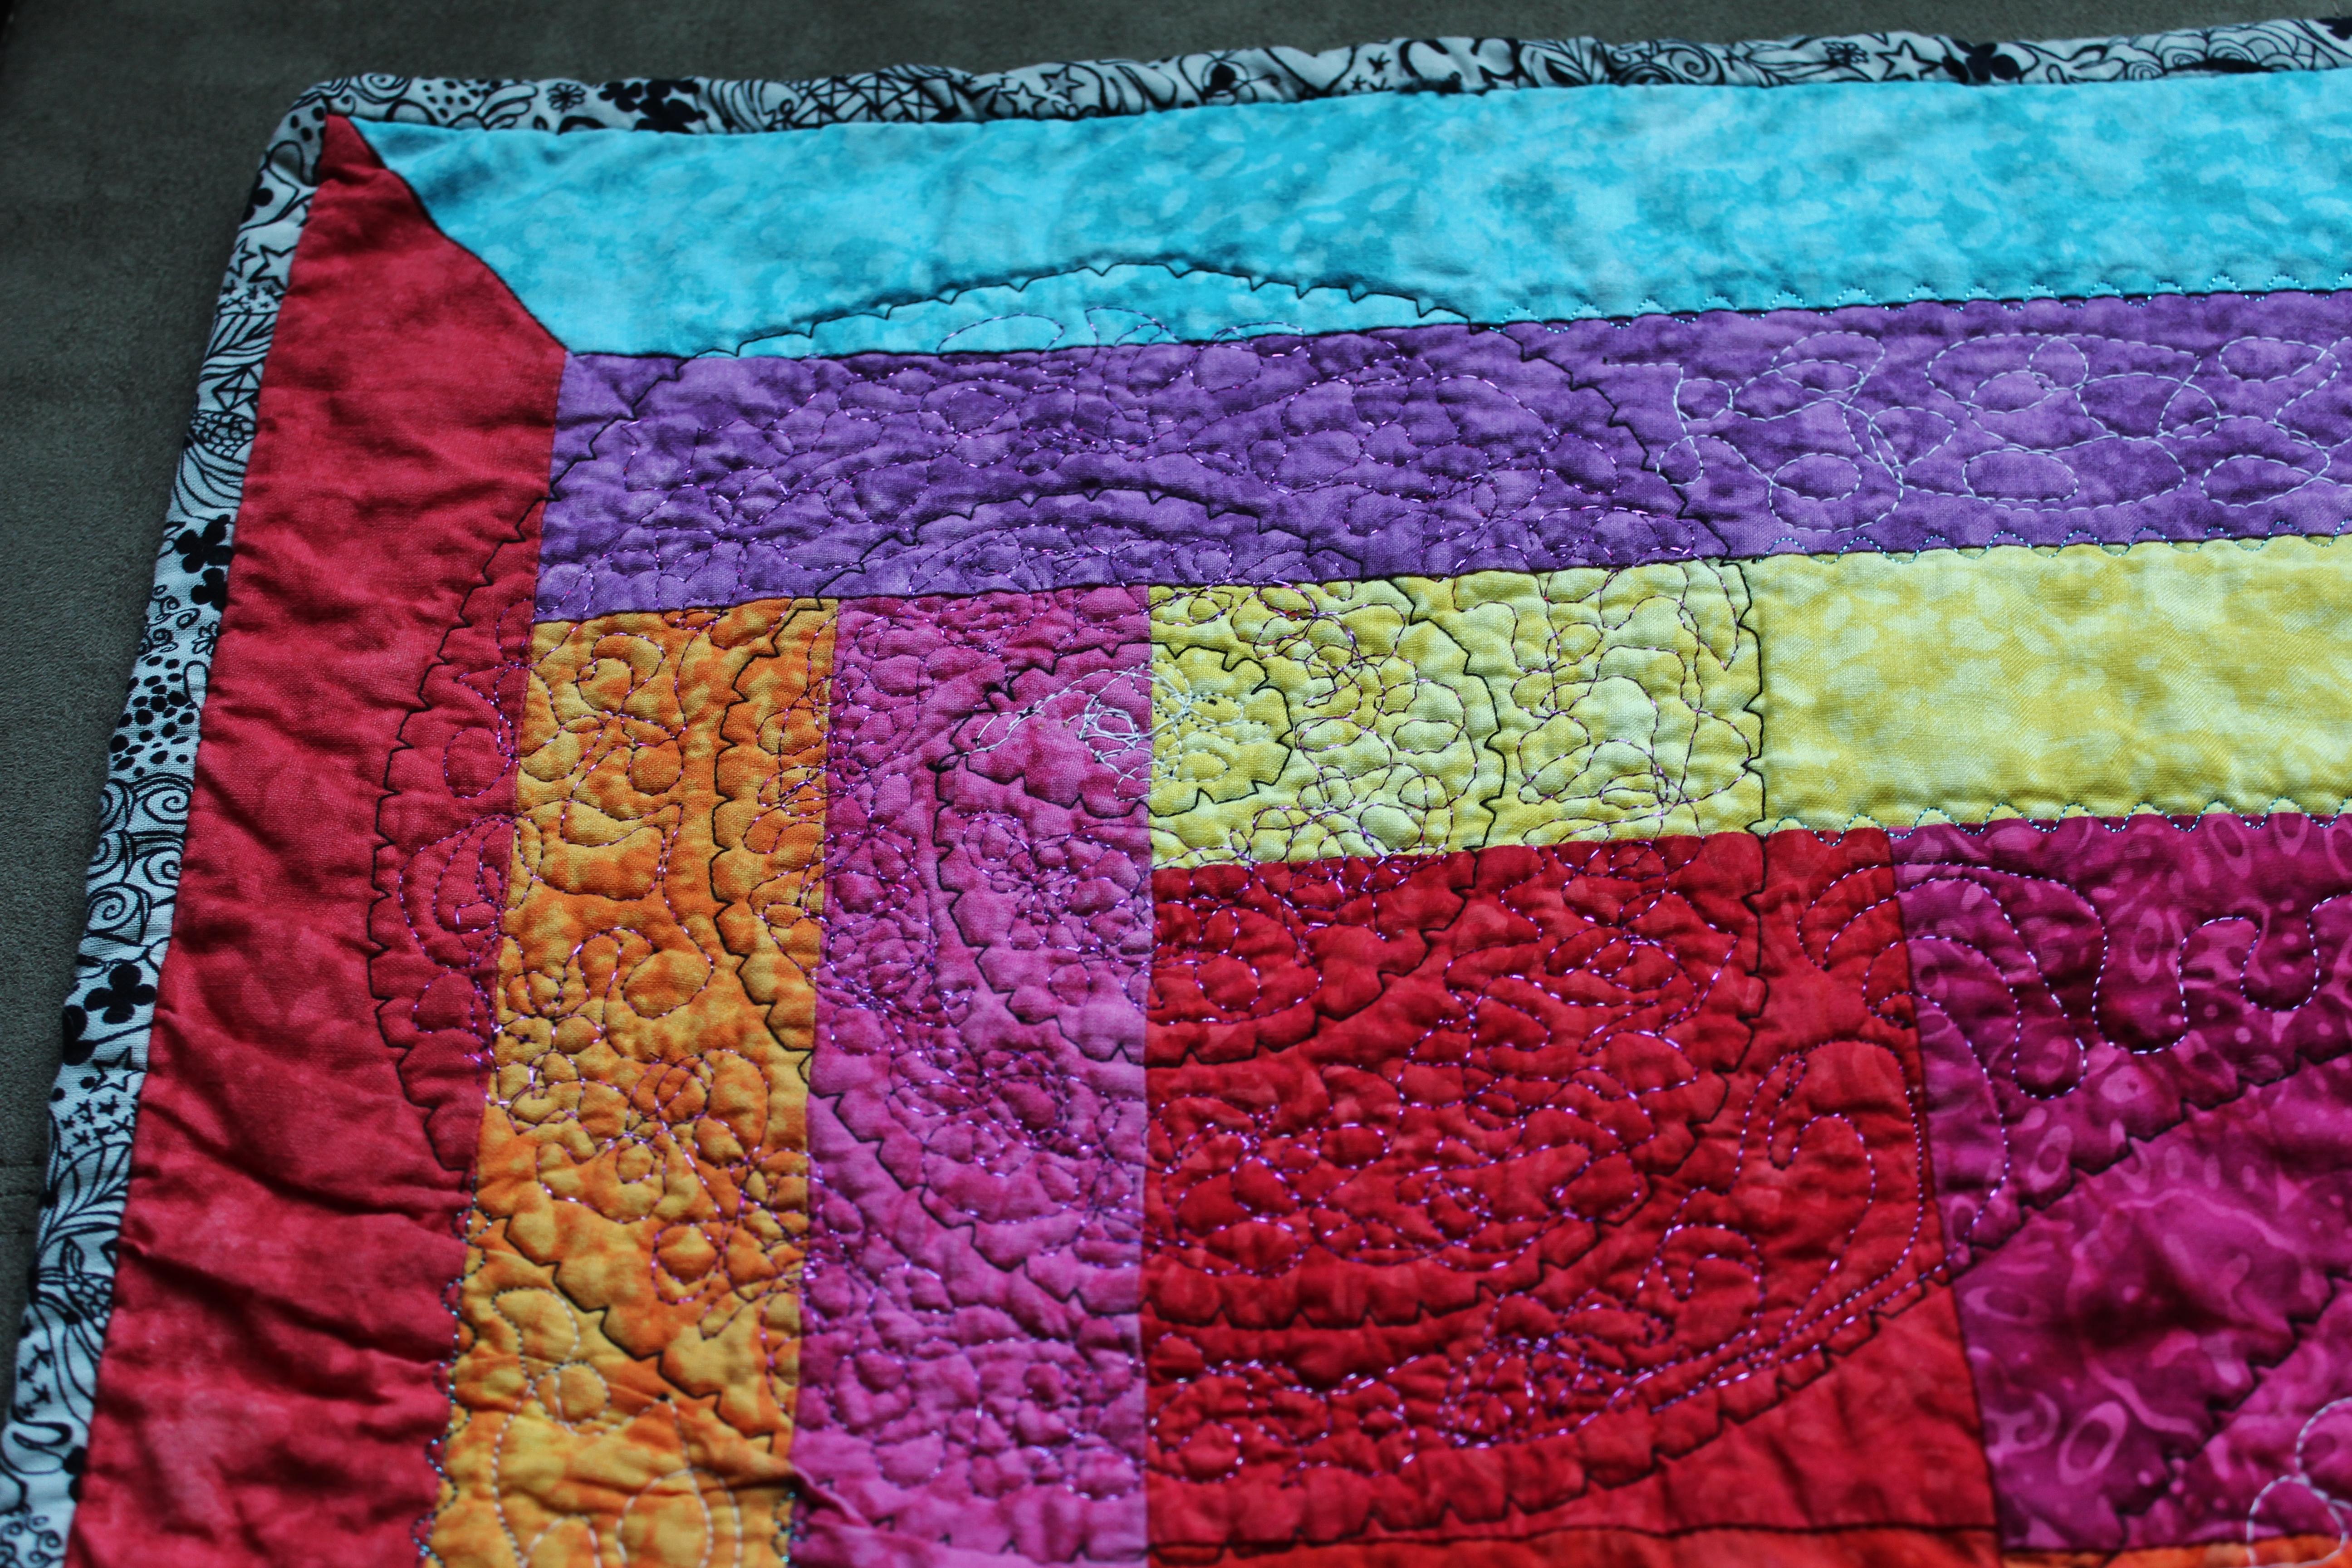 First quilt close up